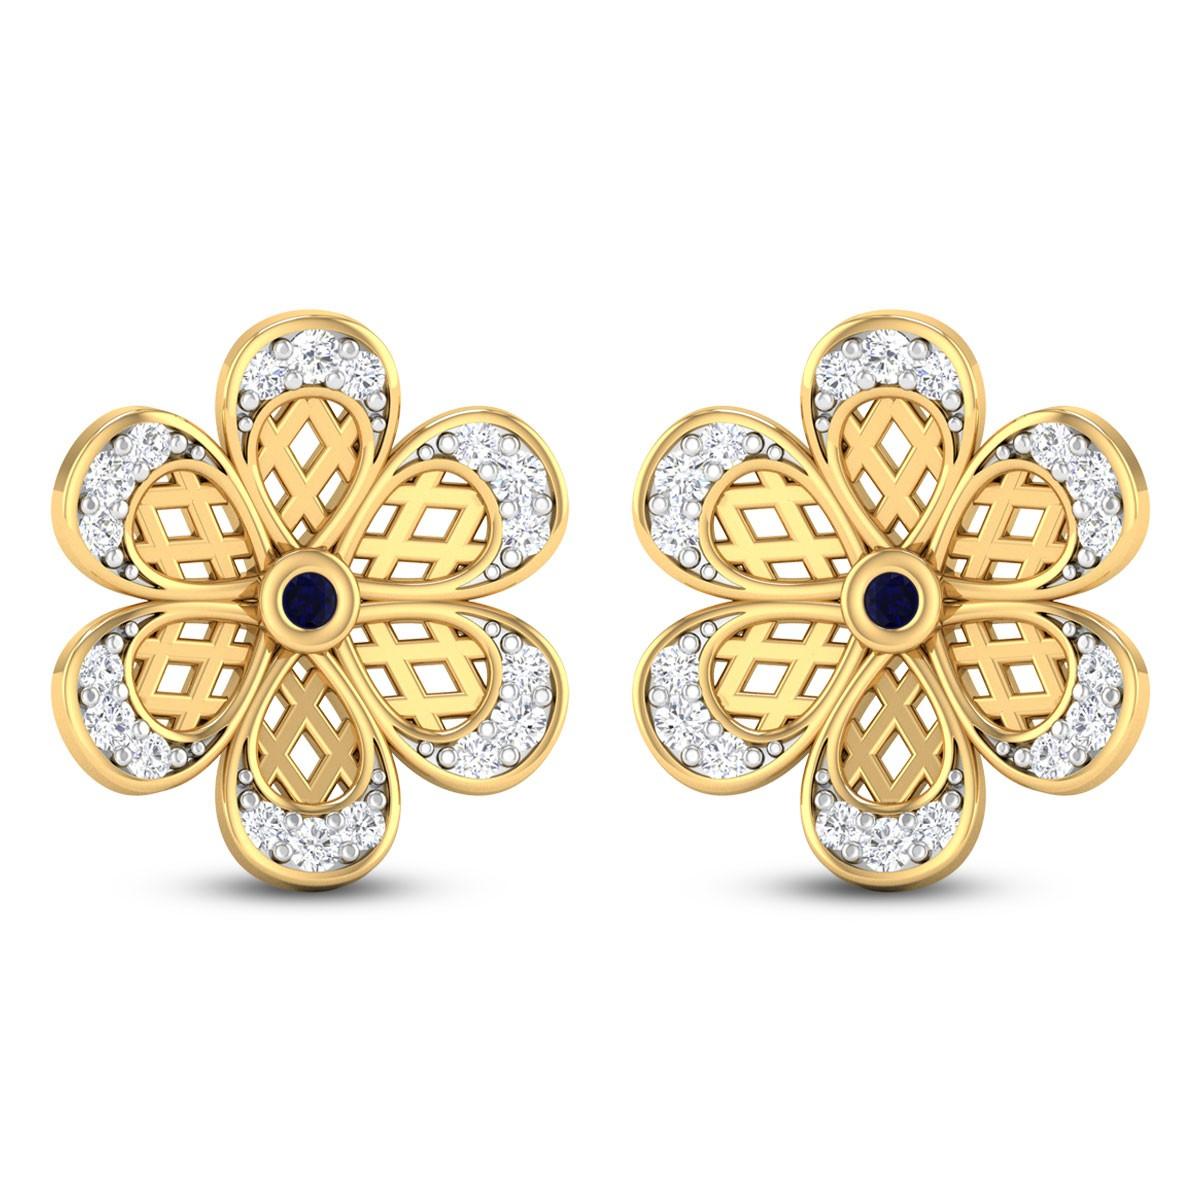 Dual Lattice Flower Diamond Stud Earrings